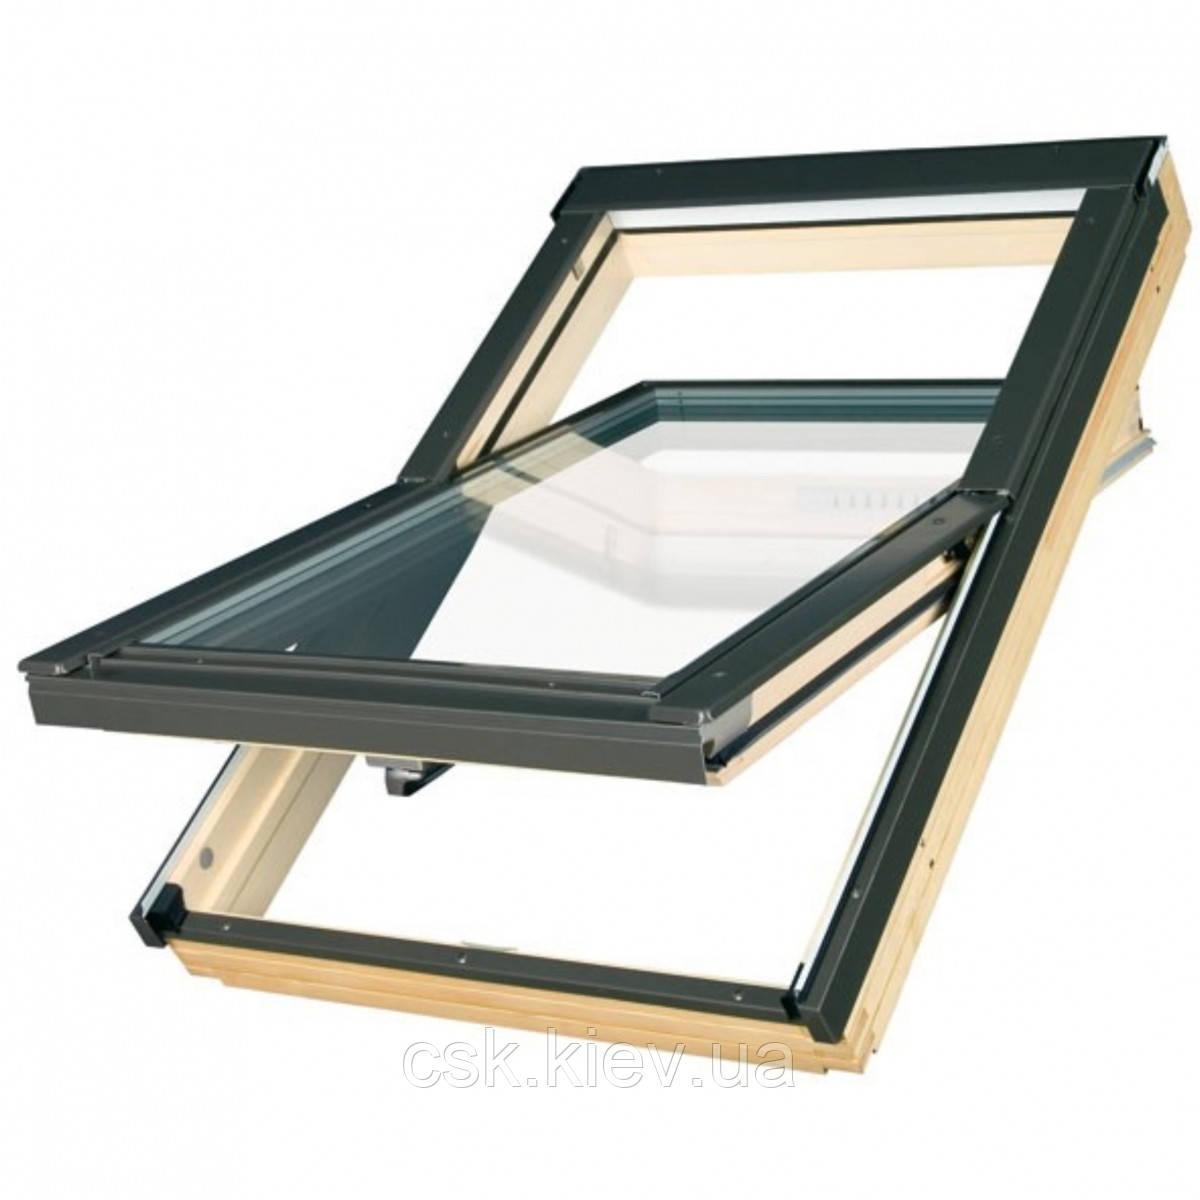 Мансардное окно VELUX с открыванием по центральной оси